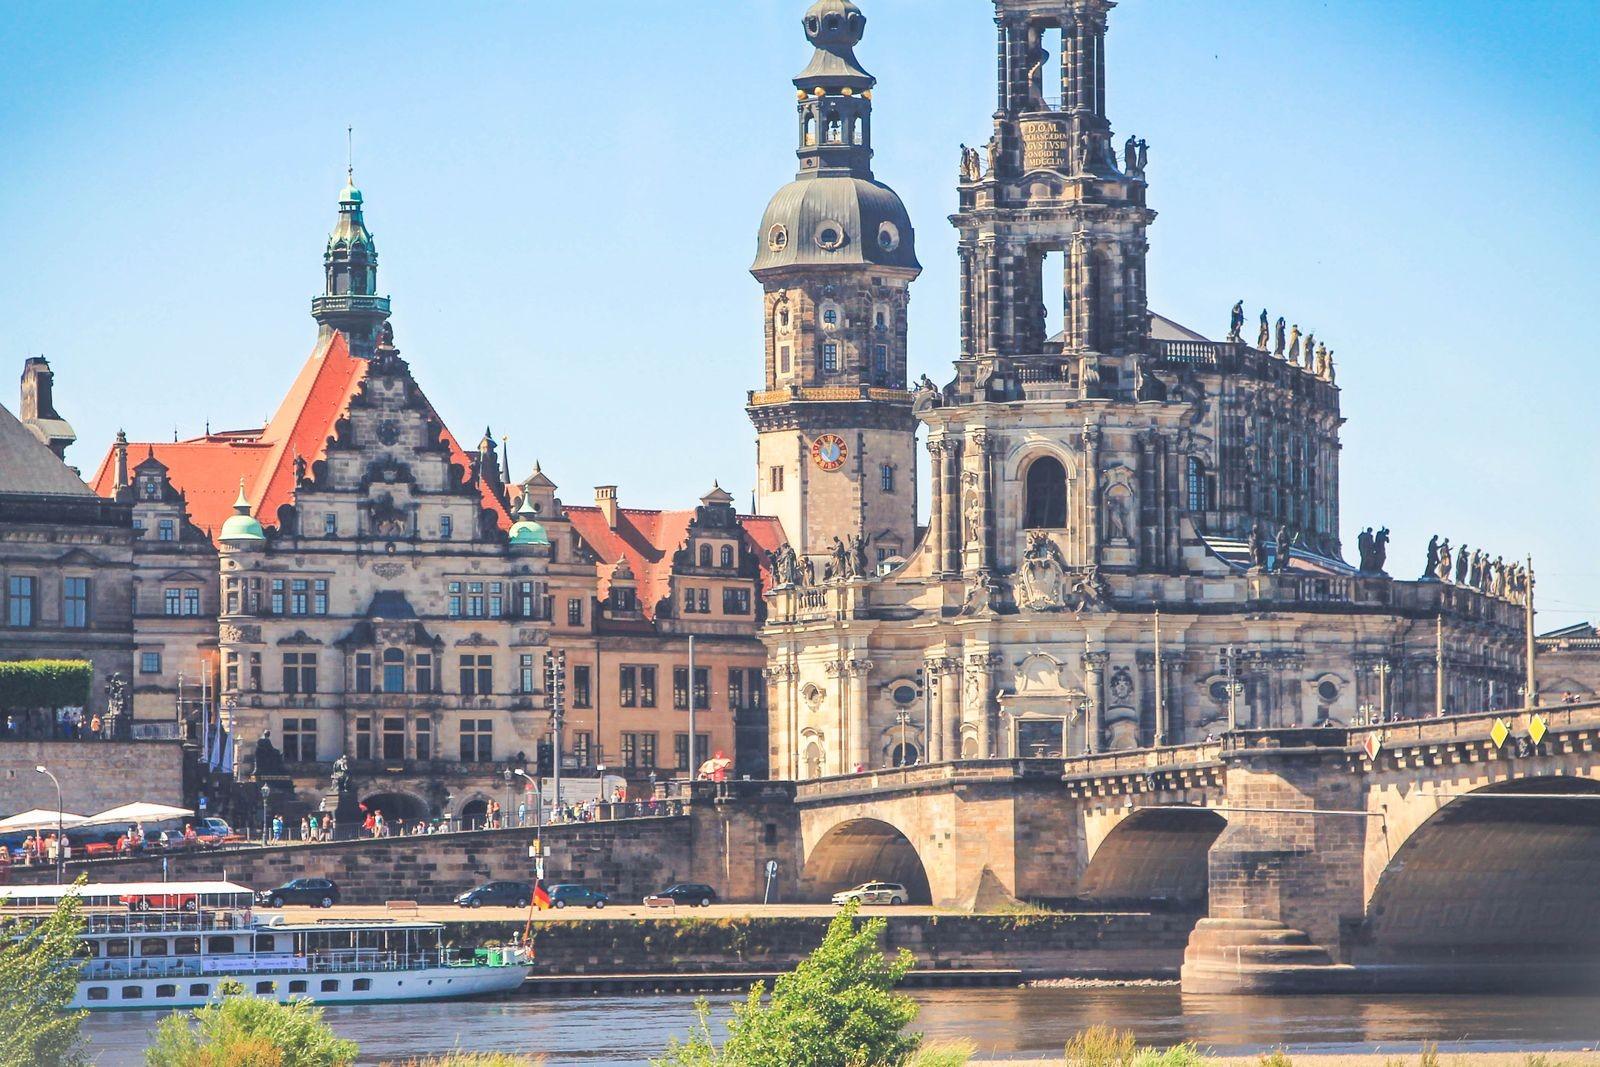 Hofkirche, chiesa cattolica di Dresda ©Foto Werner, Karol